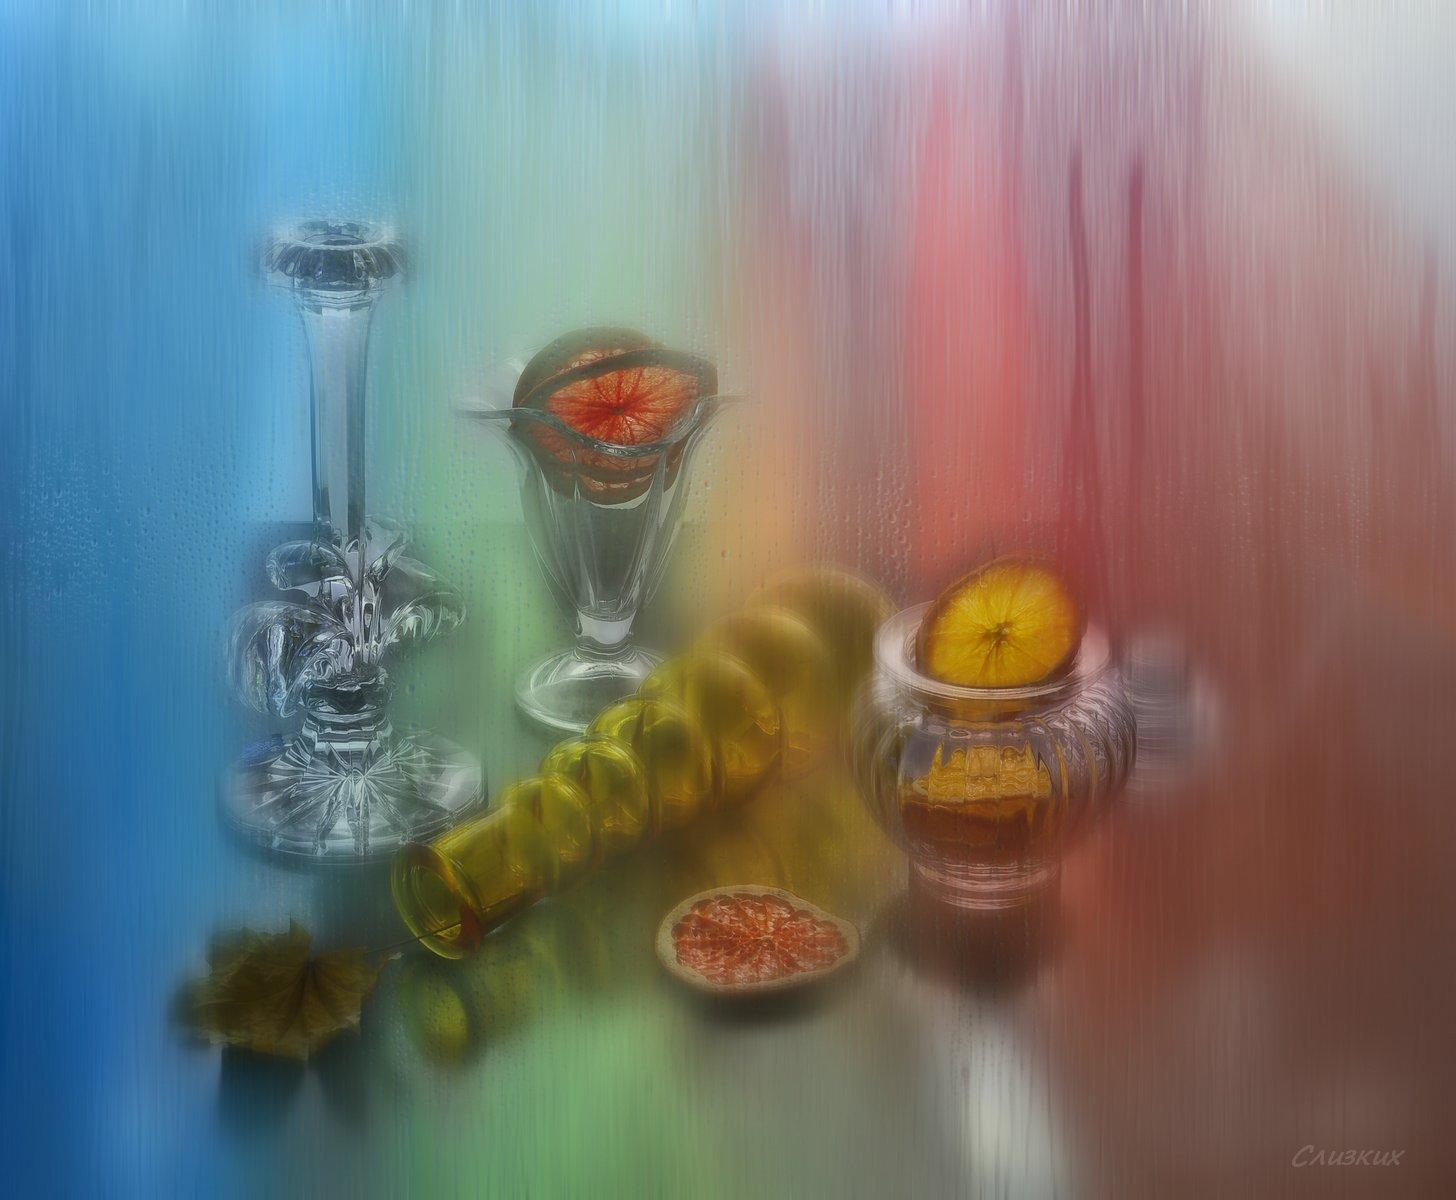 композиция,капли,стекло,цвет,свет, Инаида